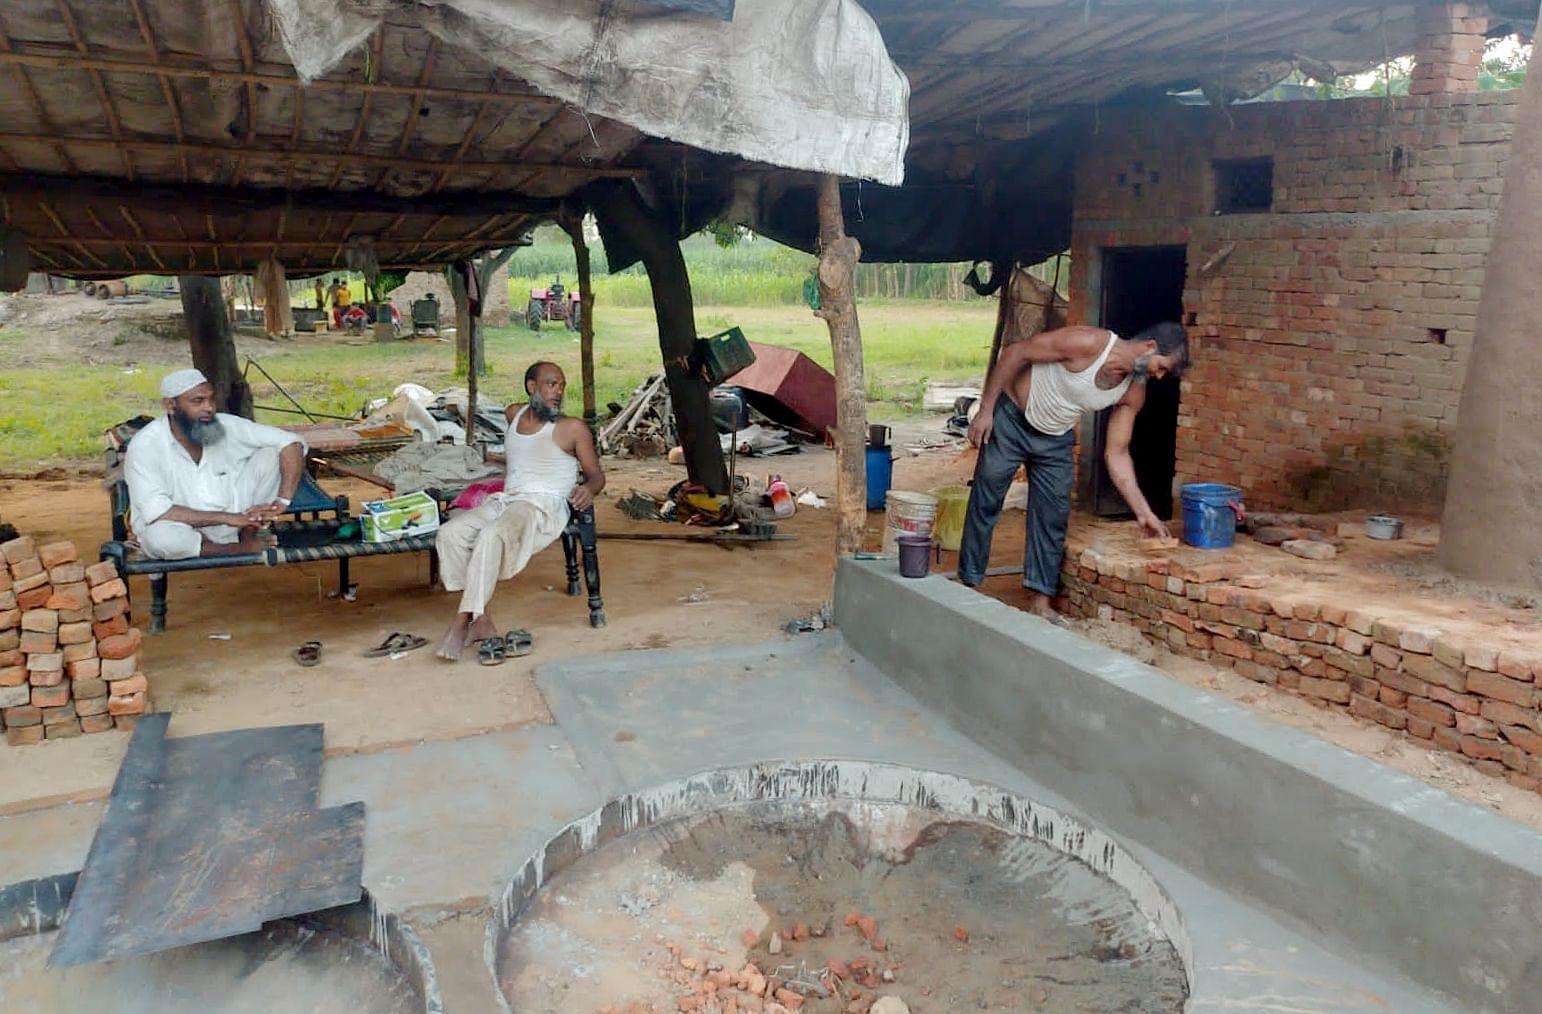 हल्दौर क्षेत्र में काल्हू चलाने की तैयारी करते काल्हू स्वामी।